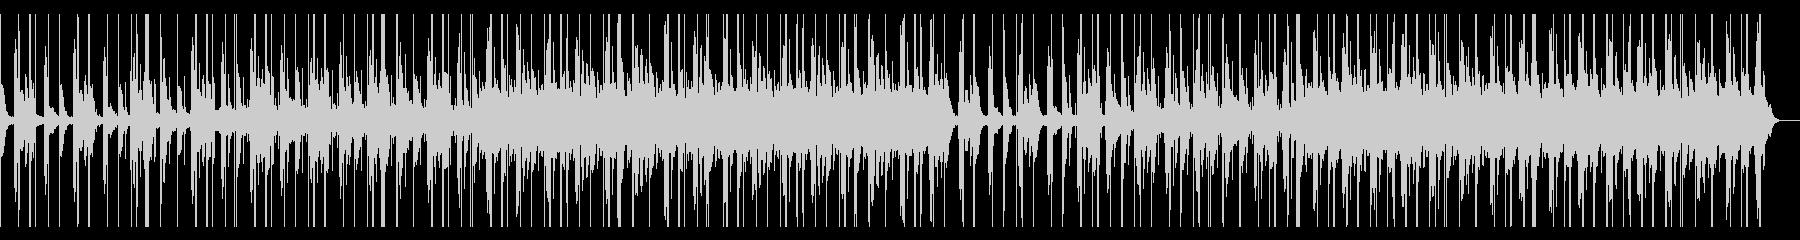 ピアノ・チル ジャズヒップホップの未再生の波形